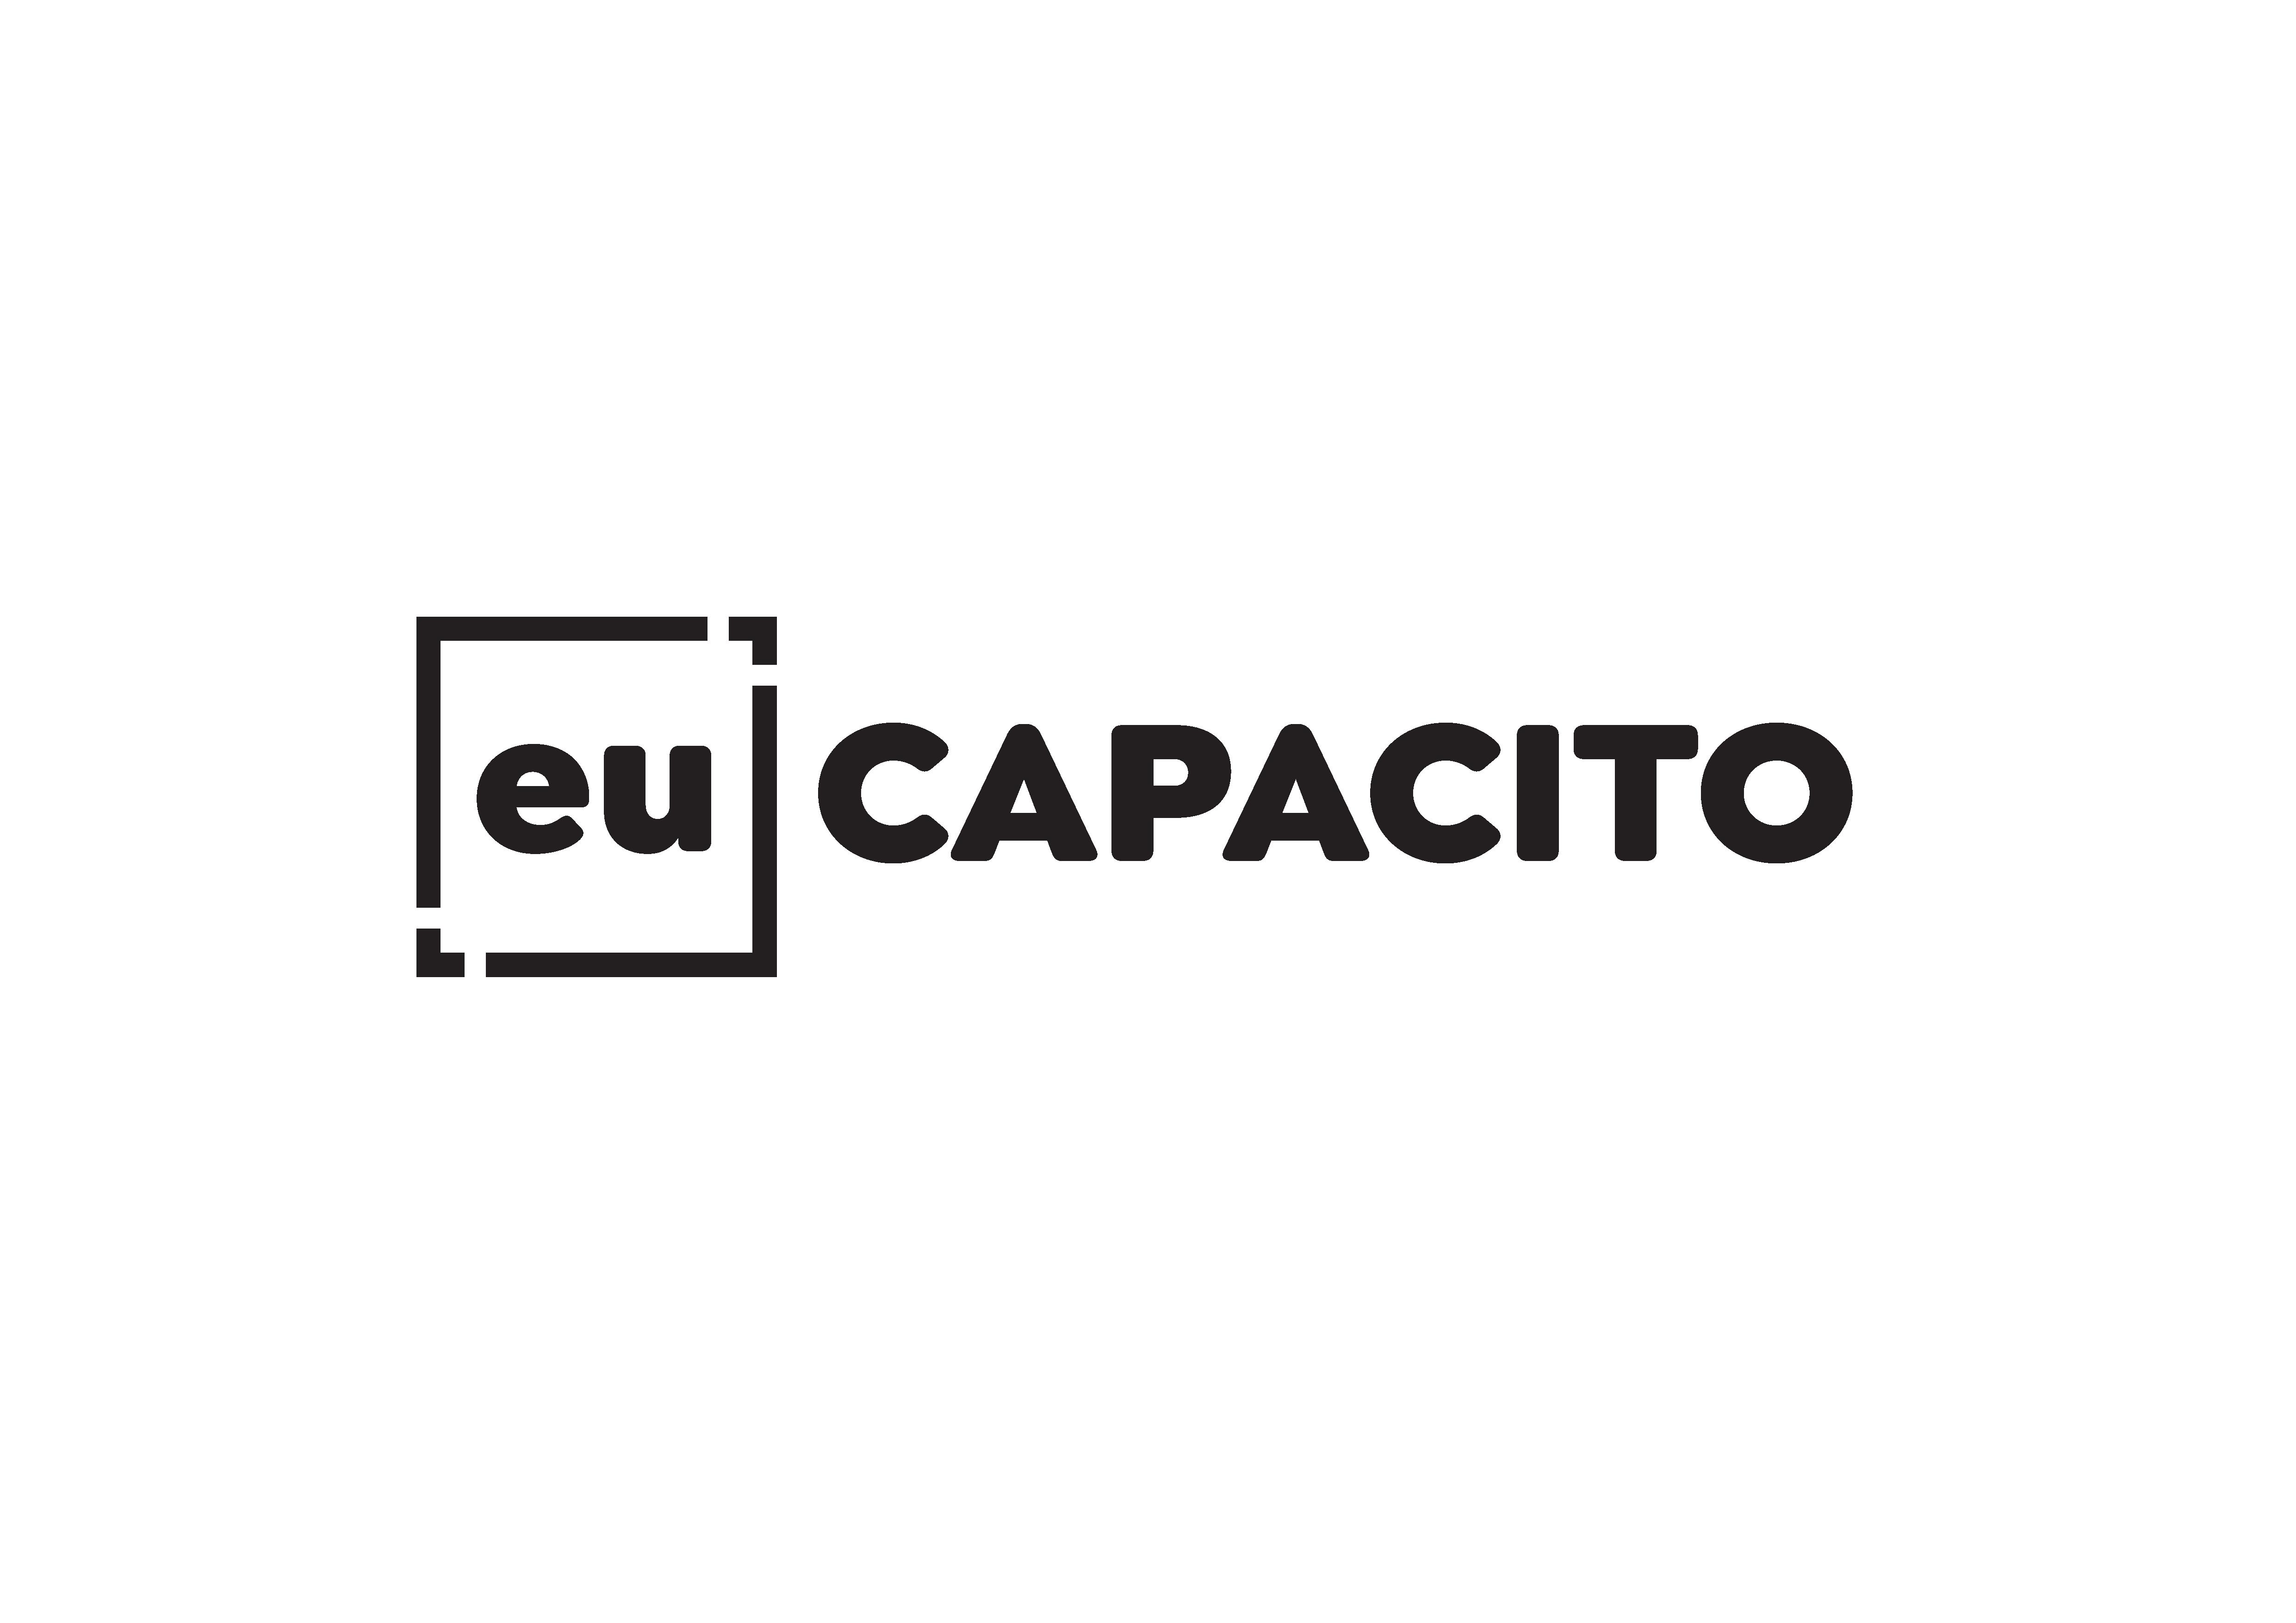 """Logotipo da empresa Eu Capacito. O nome """"Eu capacito"""" está escrito na cor preta. Ao redor da palavra """"Eu"""", há um quadrado também na cor preta."""